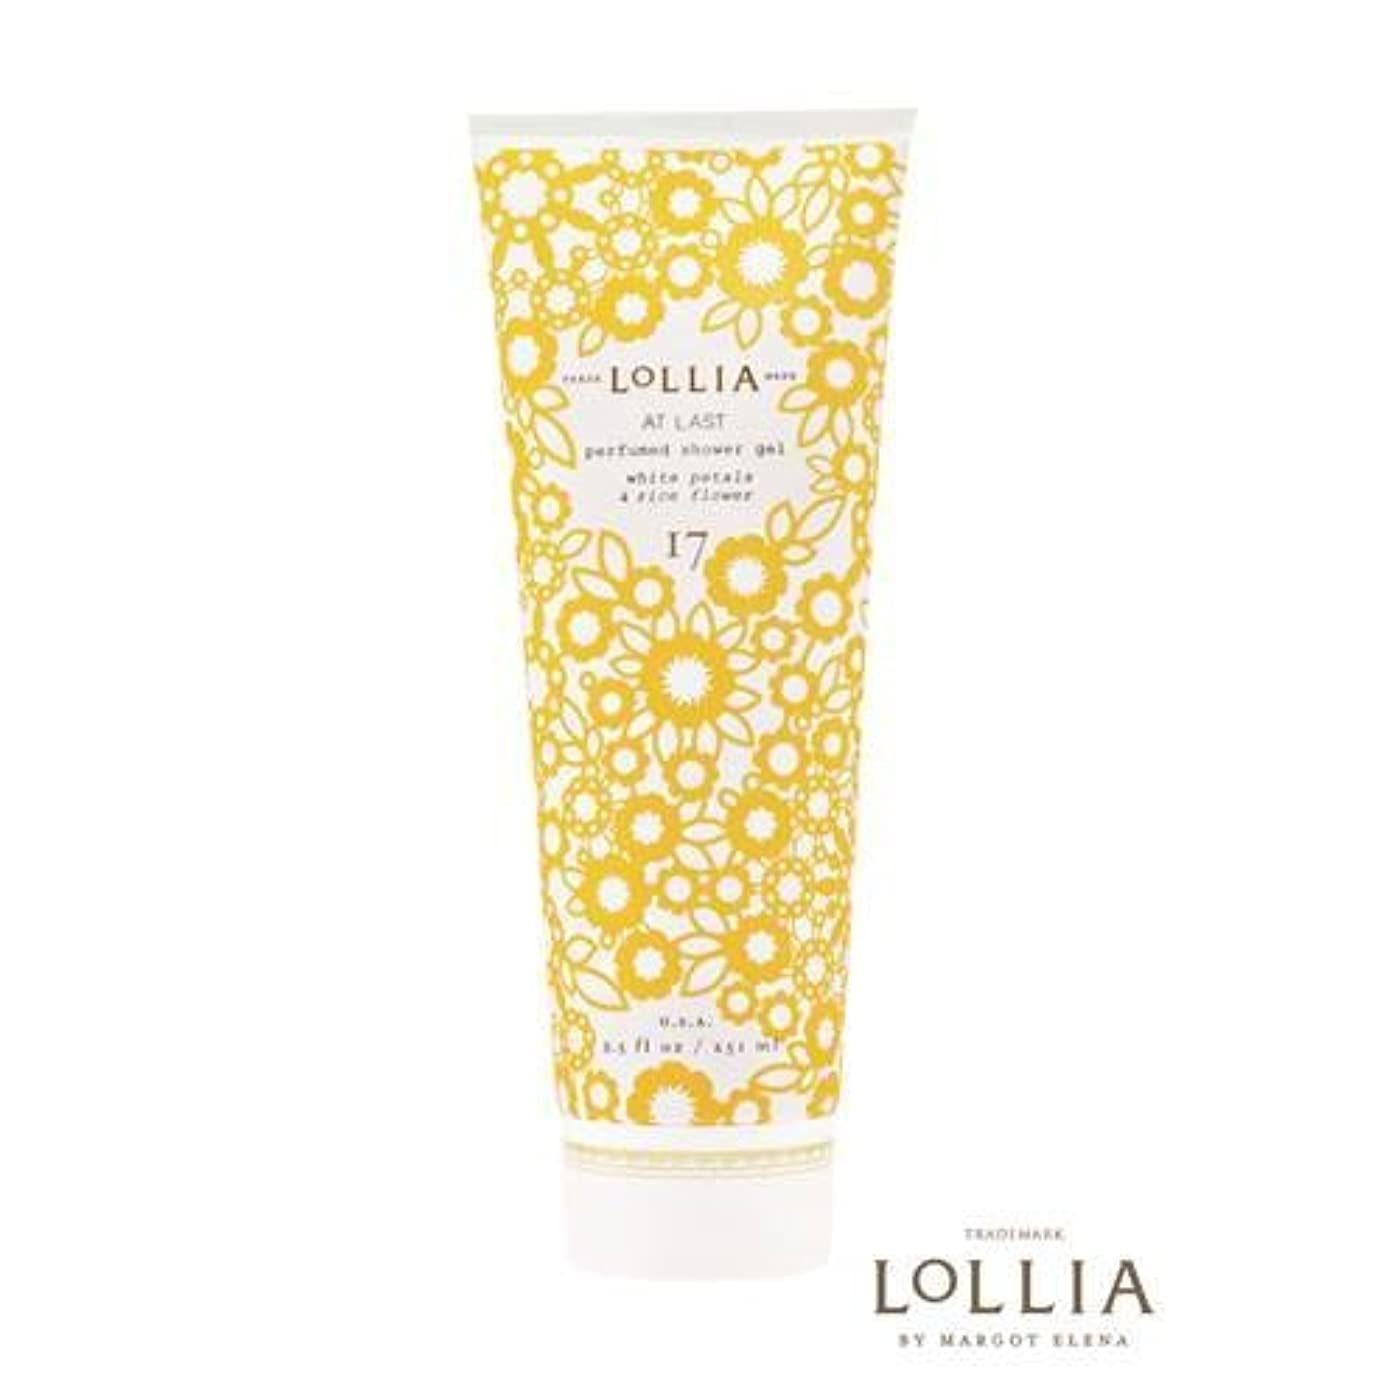 ページギャロップ懐ロリア(LoLLIA) パフュームドシャワージェル AtLast 251ml(全身用洗浄料 ボディーソープ ライスフラワー、マグノリアとミモザの柔らかな花々の香り)